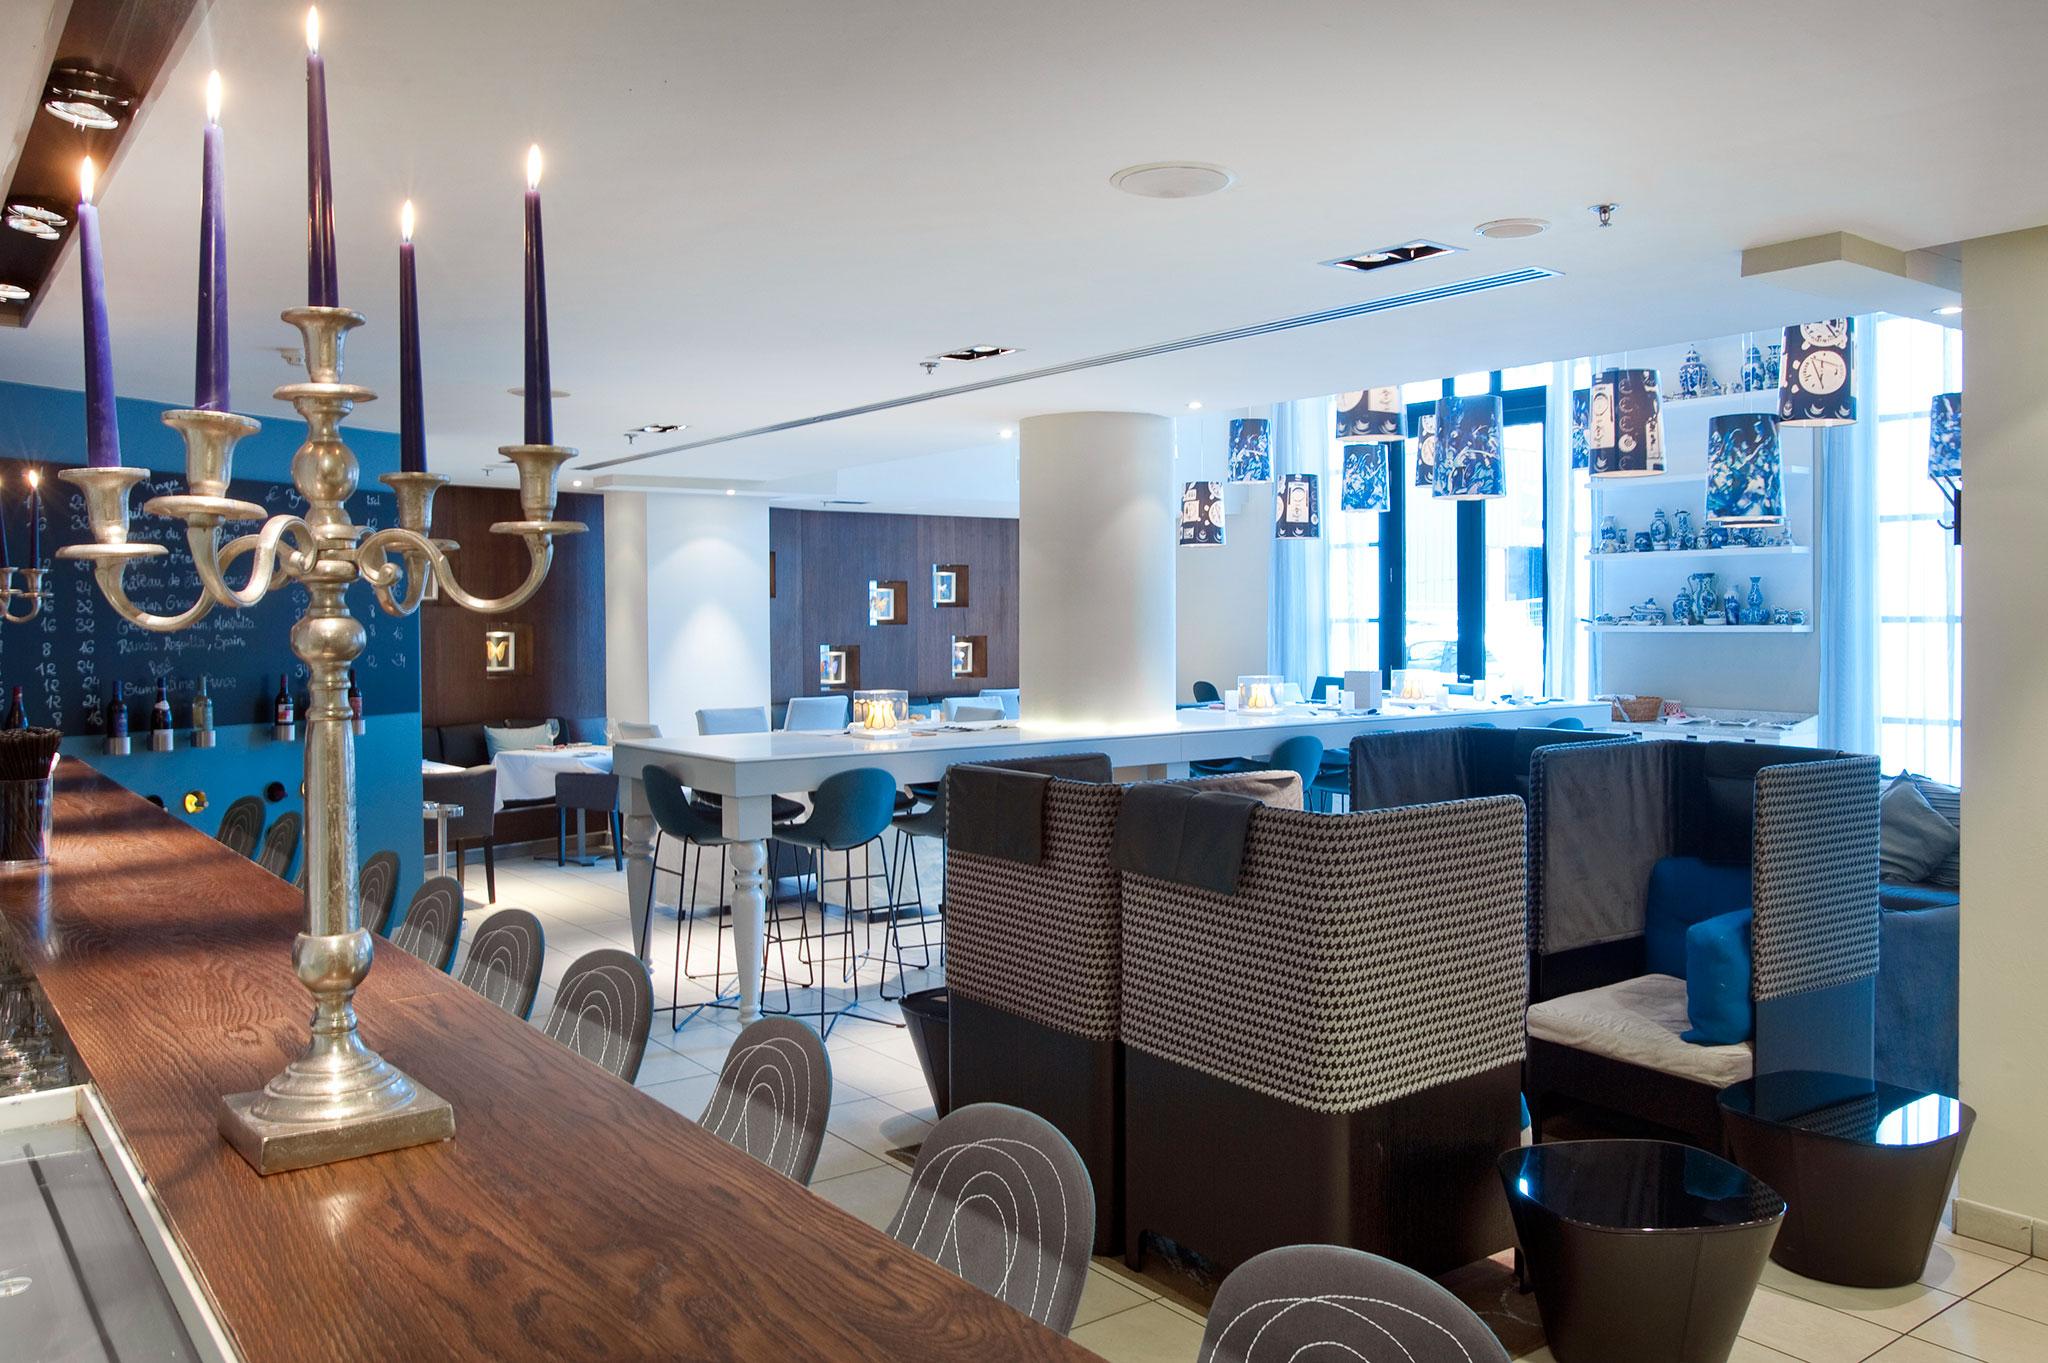 rencontre hotel rouen Ll➤ appart'city, le leader de l'appart'hôtel en france ✅ propose la location d' appartements hôtels meublés avec services hôteliers réservation pas chère en ligne ✅.